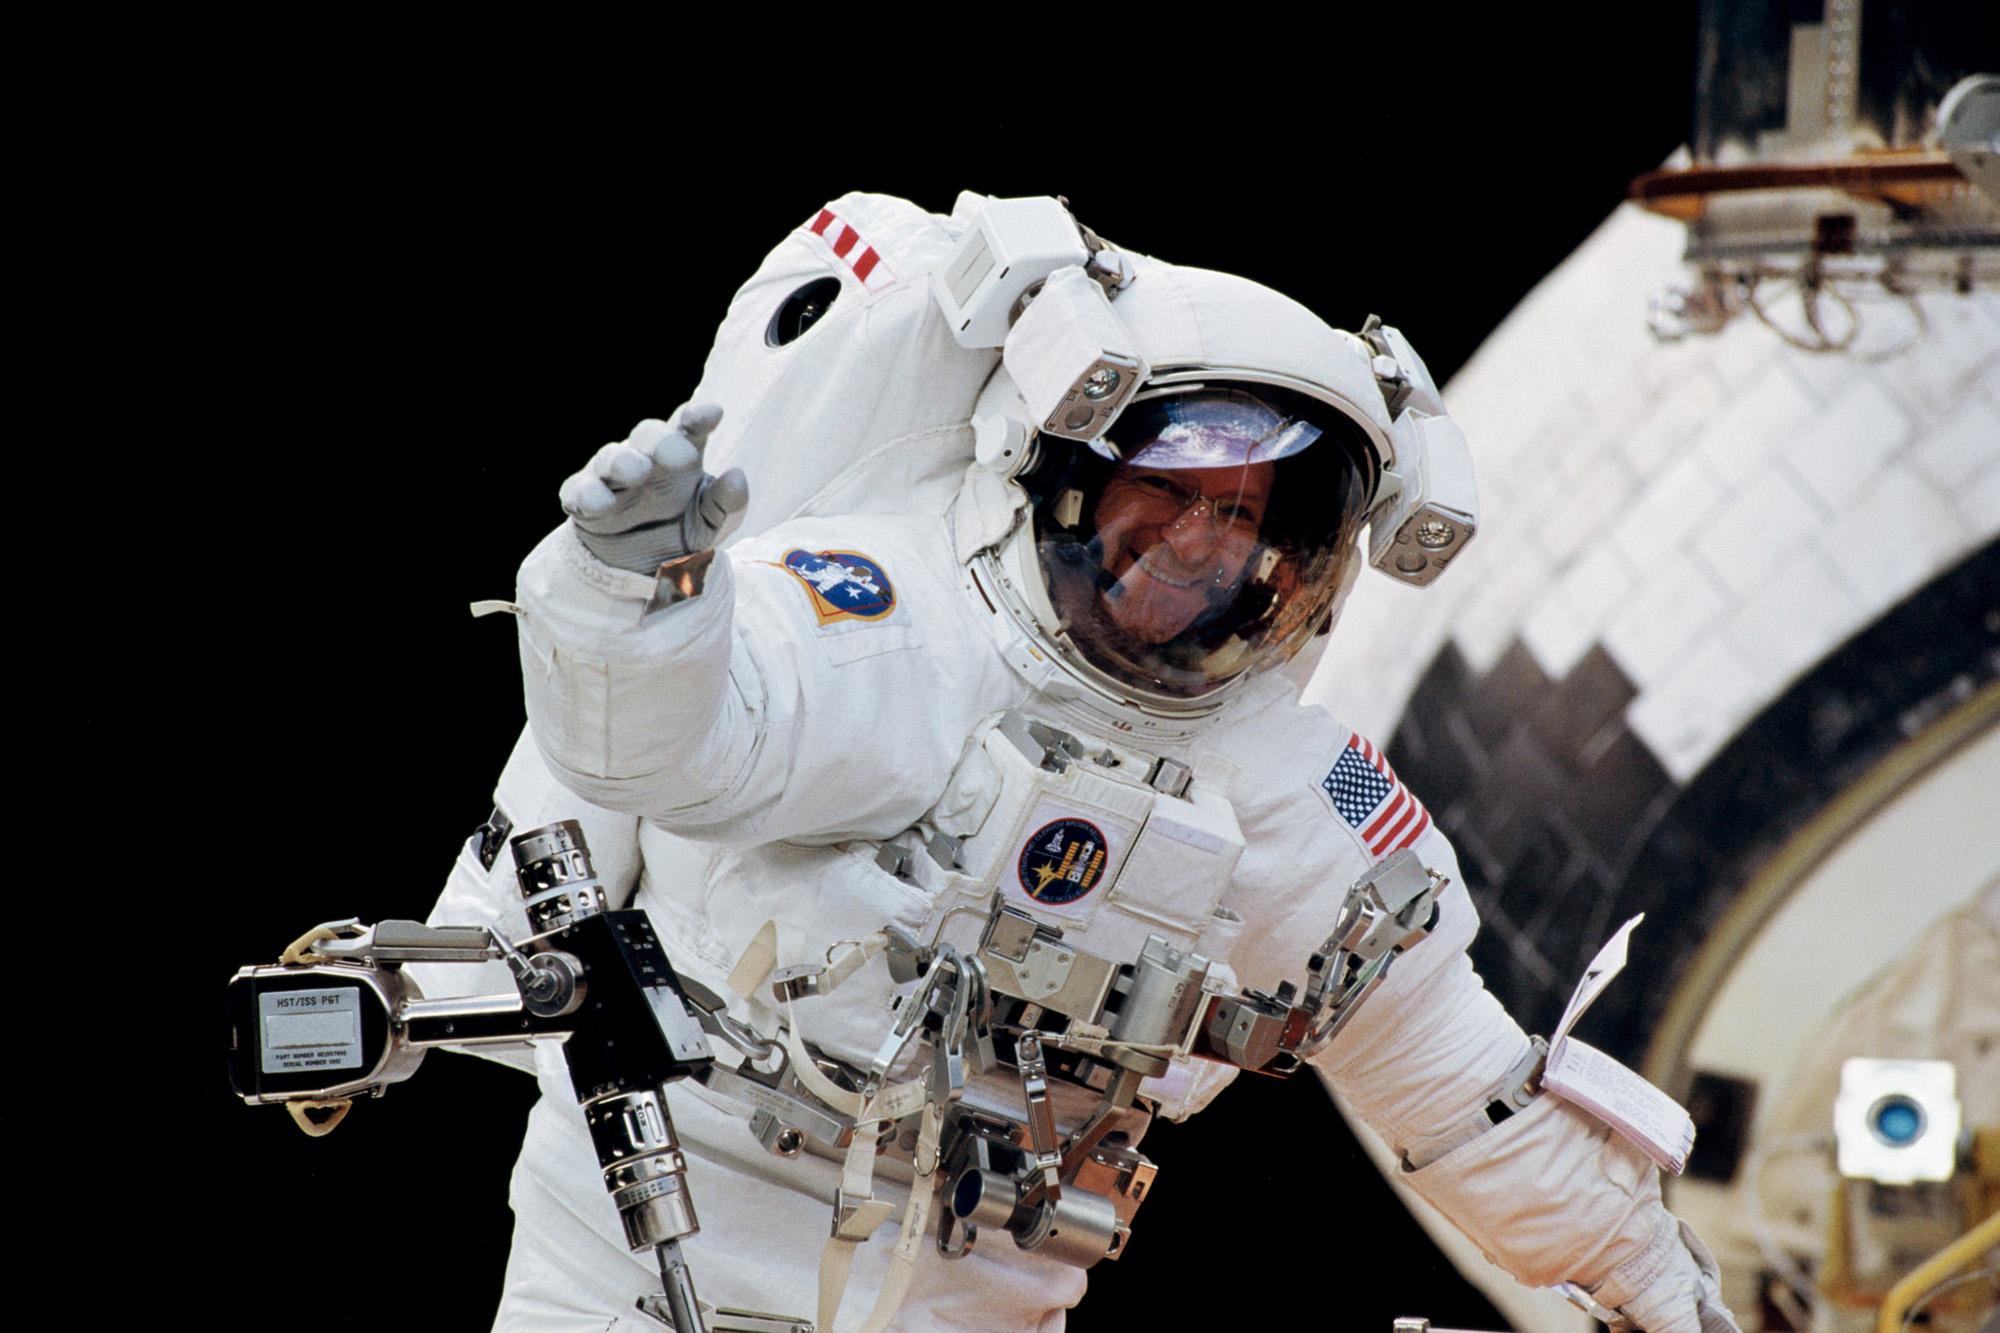 Vernuccio's View: NASA's Next Big Project